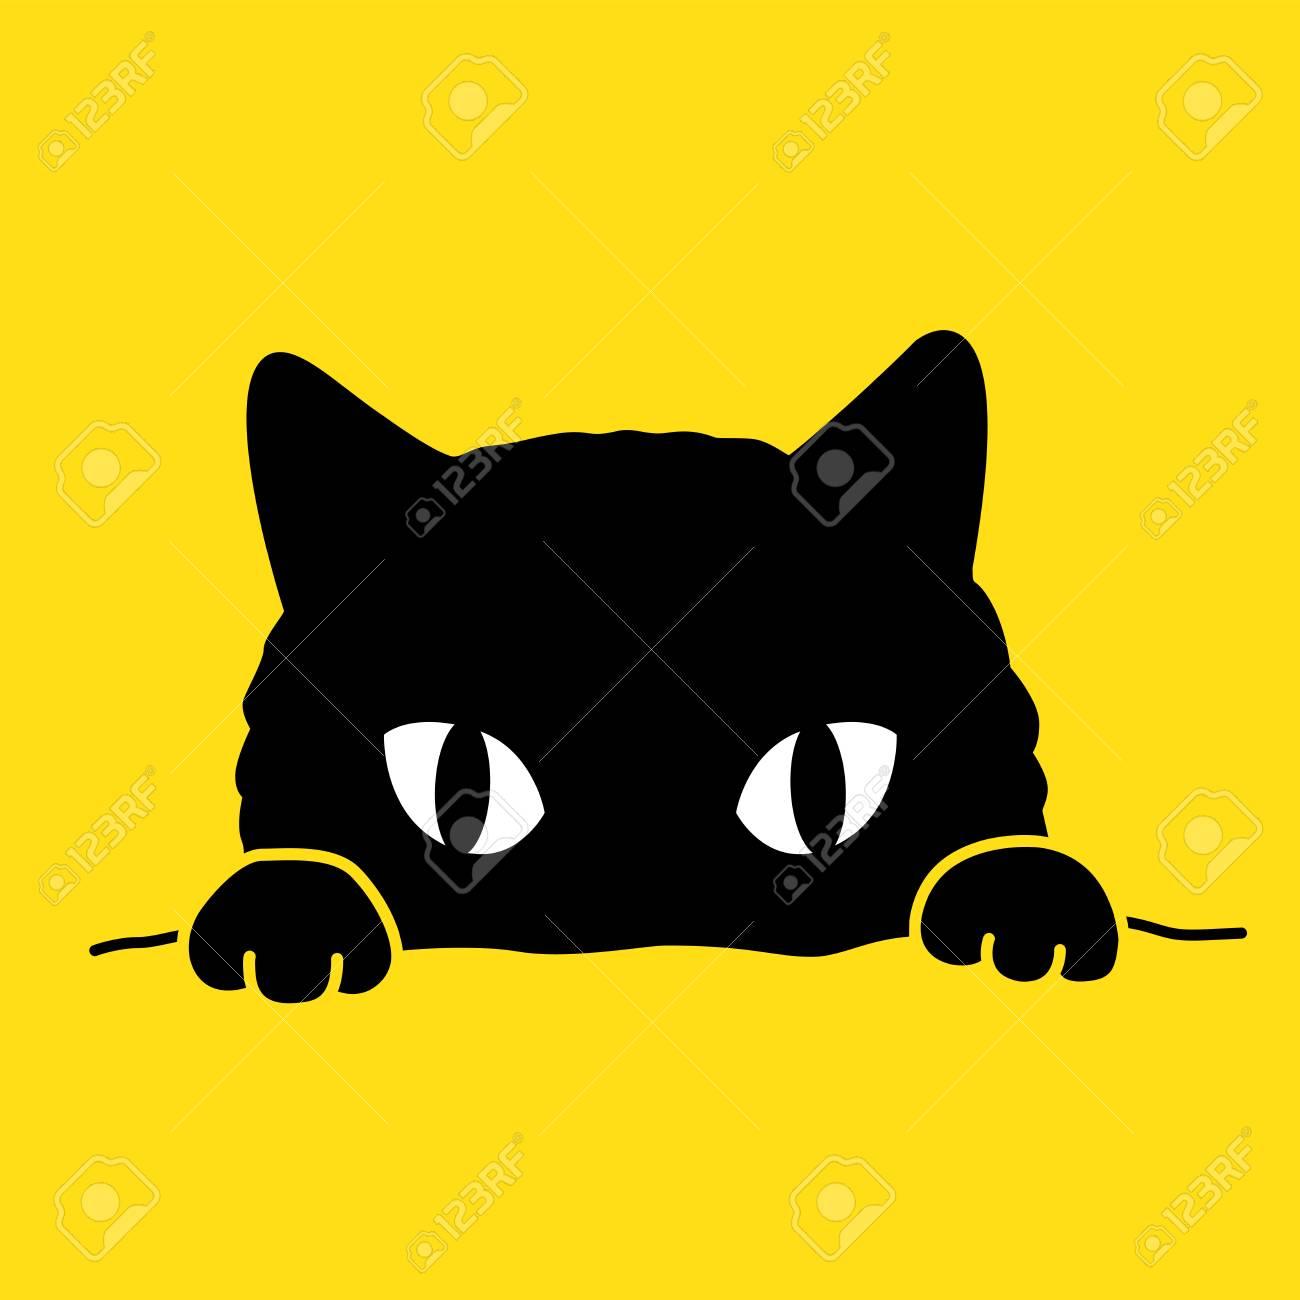 Kitten vector icon illustration cartoon doodle - 98586314